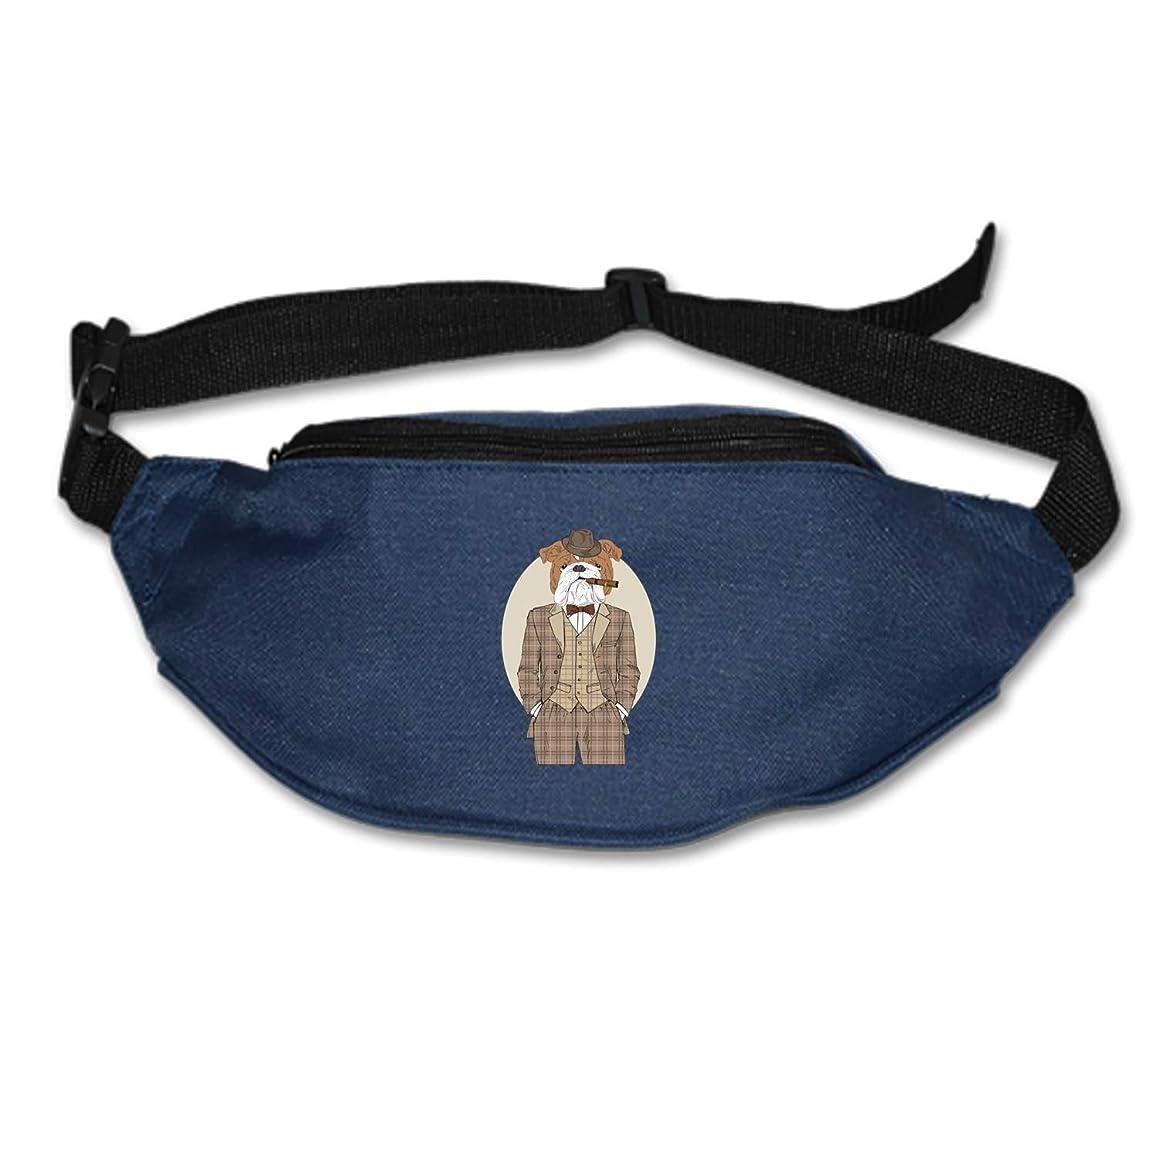 Soar Development Unisex Dog Fanny Pack Waist/Bum Bag Adjustable Belt Bags Running Cycling Fishing Sport Waist Bags Black